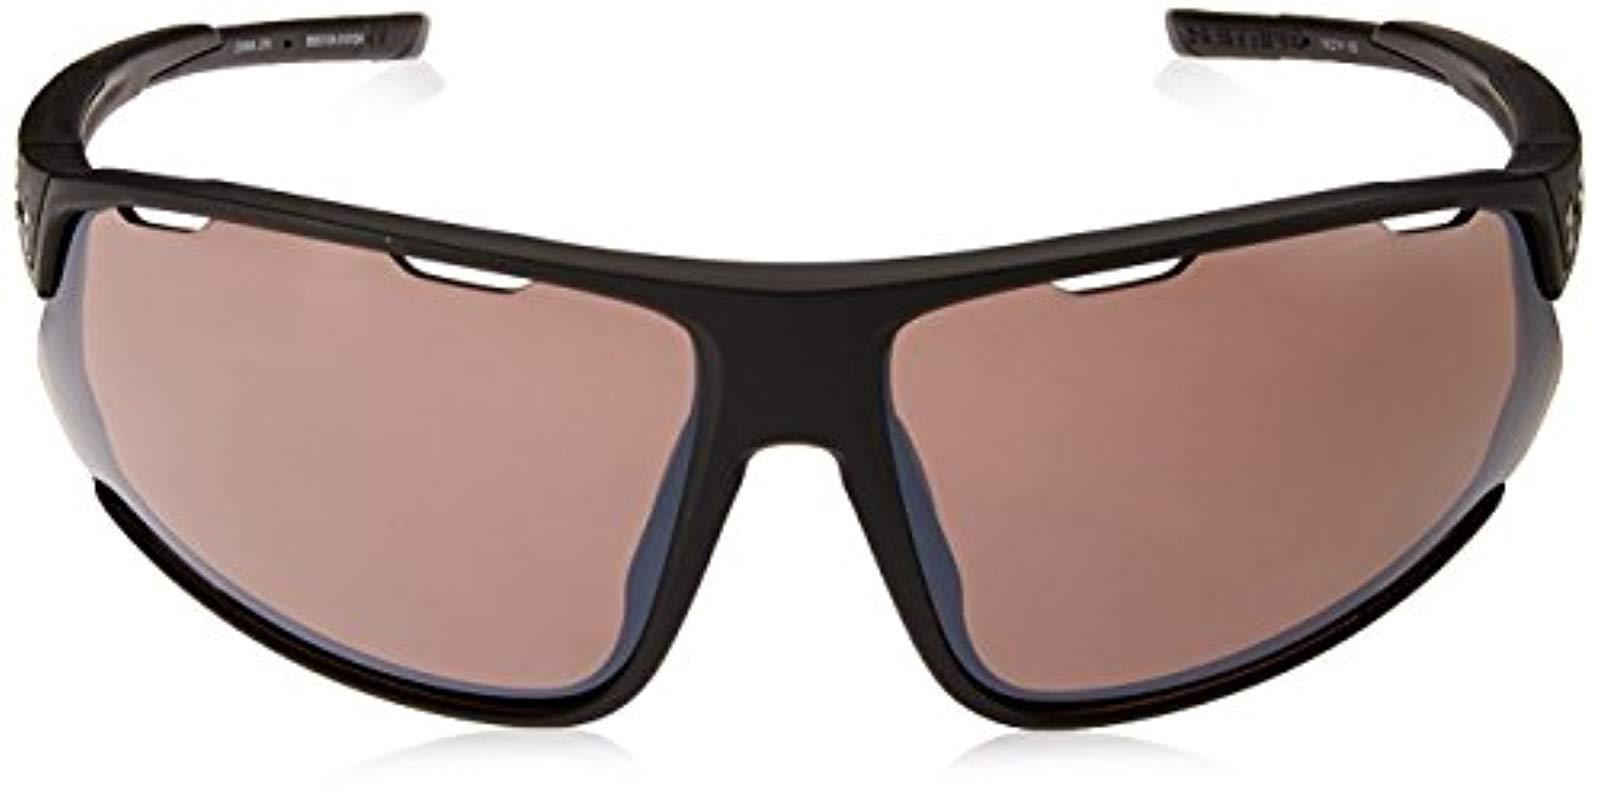 df6af4ea2dc Lyst - Under Armour Ua Strive Wrap Sunglasses